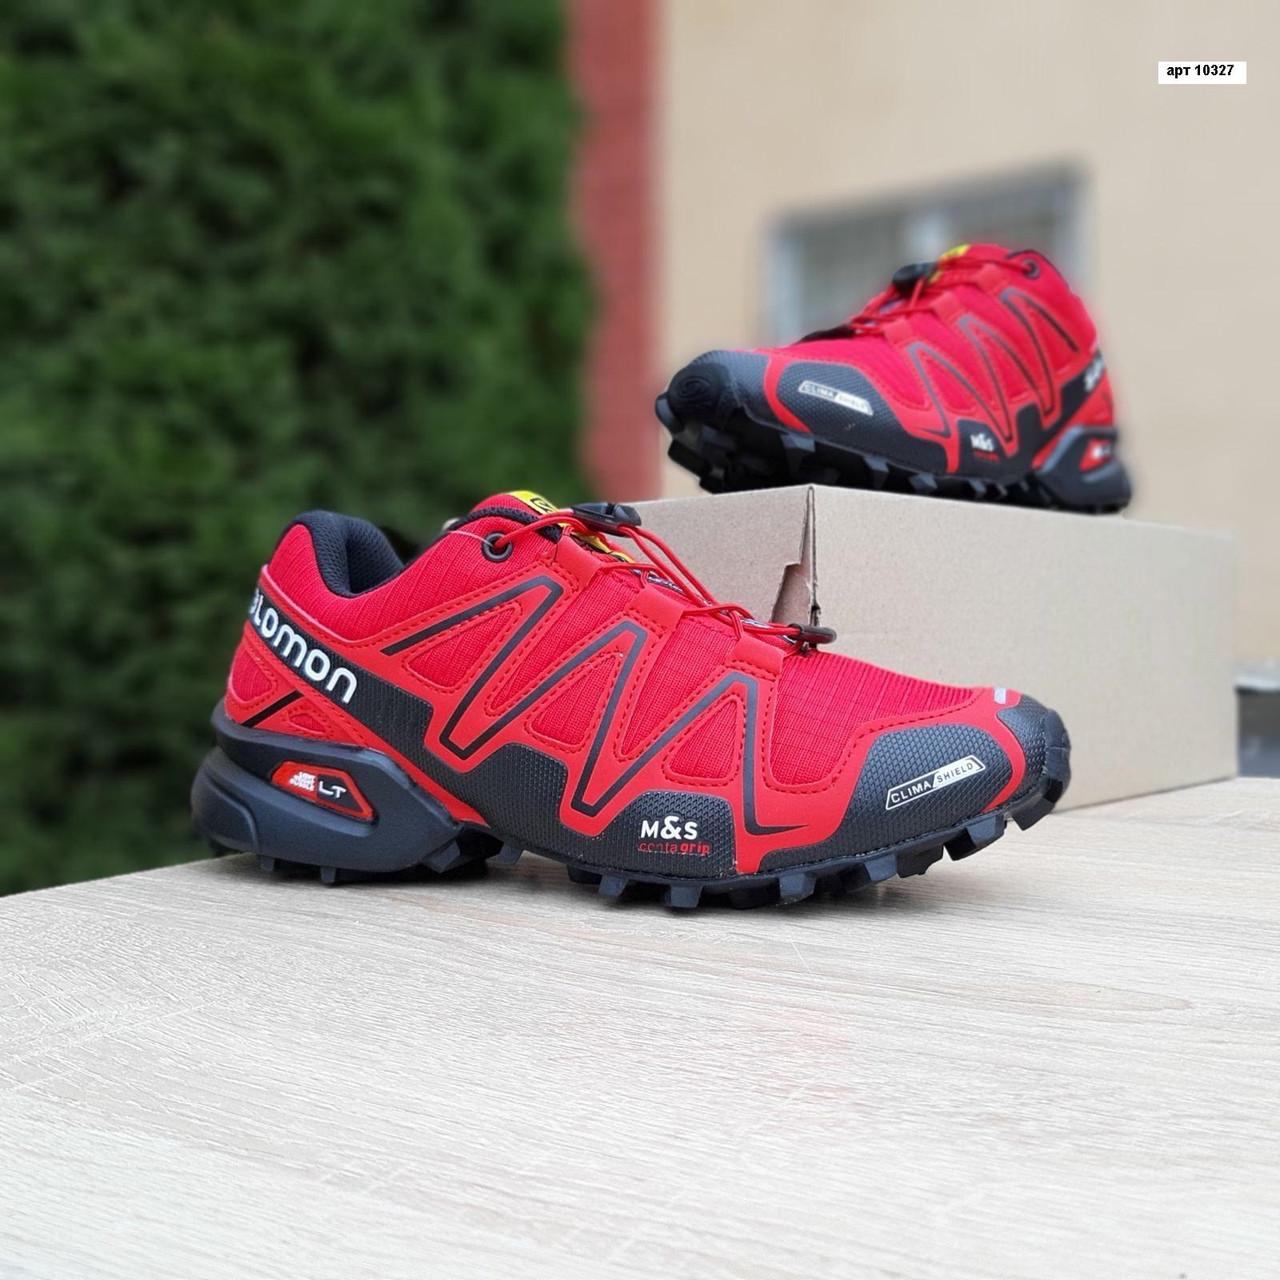 Мужские кроссовки Salomon Speedcross 3 (красные) 10327